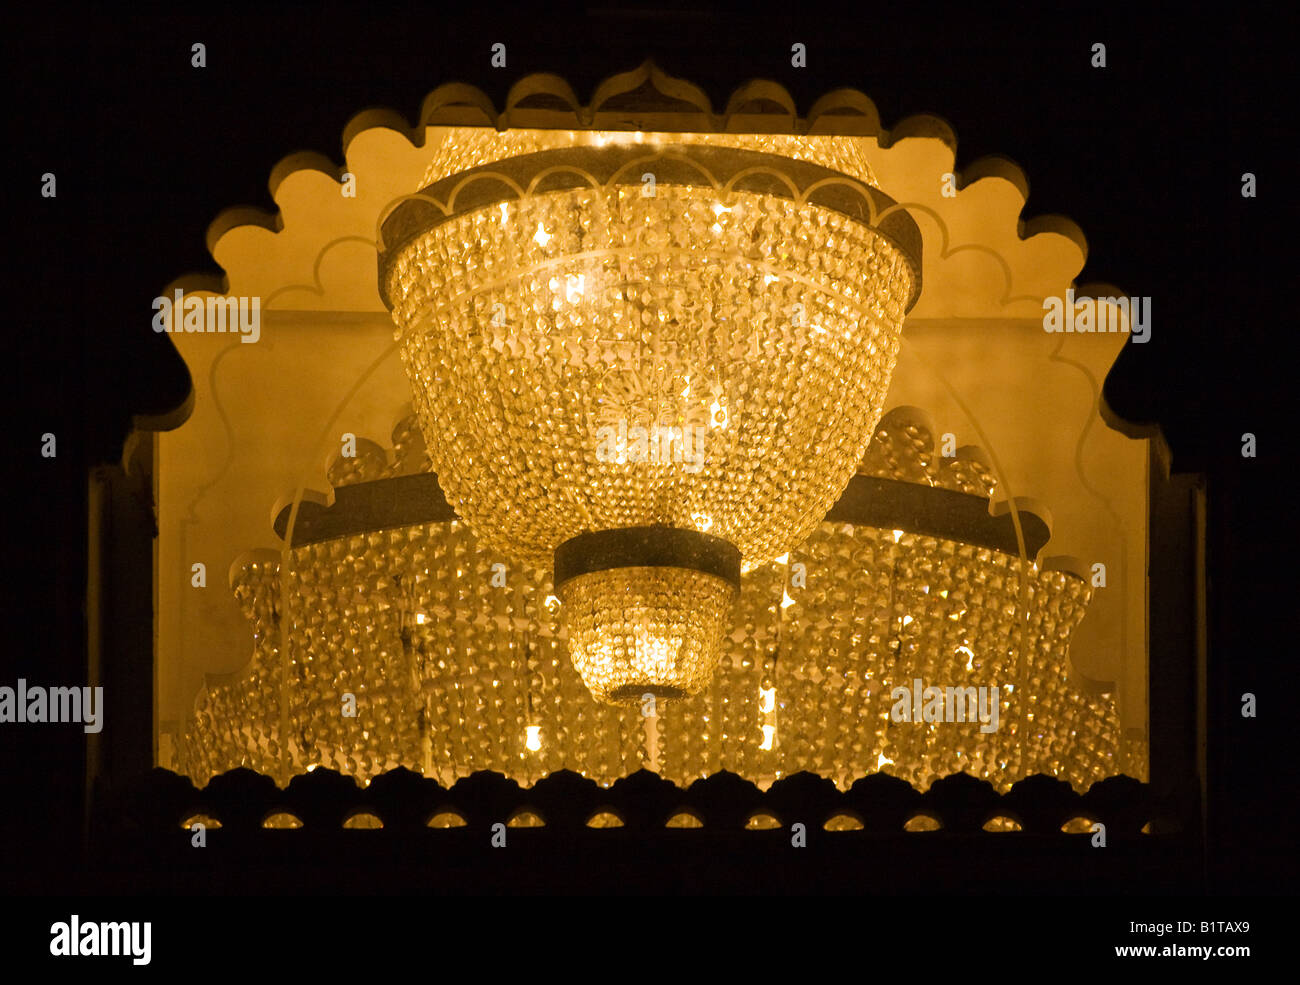 Hervorragend Der CRYSTAL BALLROOM Kronleuchter In Der CITY PALACE UDAIPUR Von Maharaja  Udai Singh Ll 1600 N. Chr. RAJASTHAN Indien Gebaut